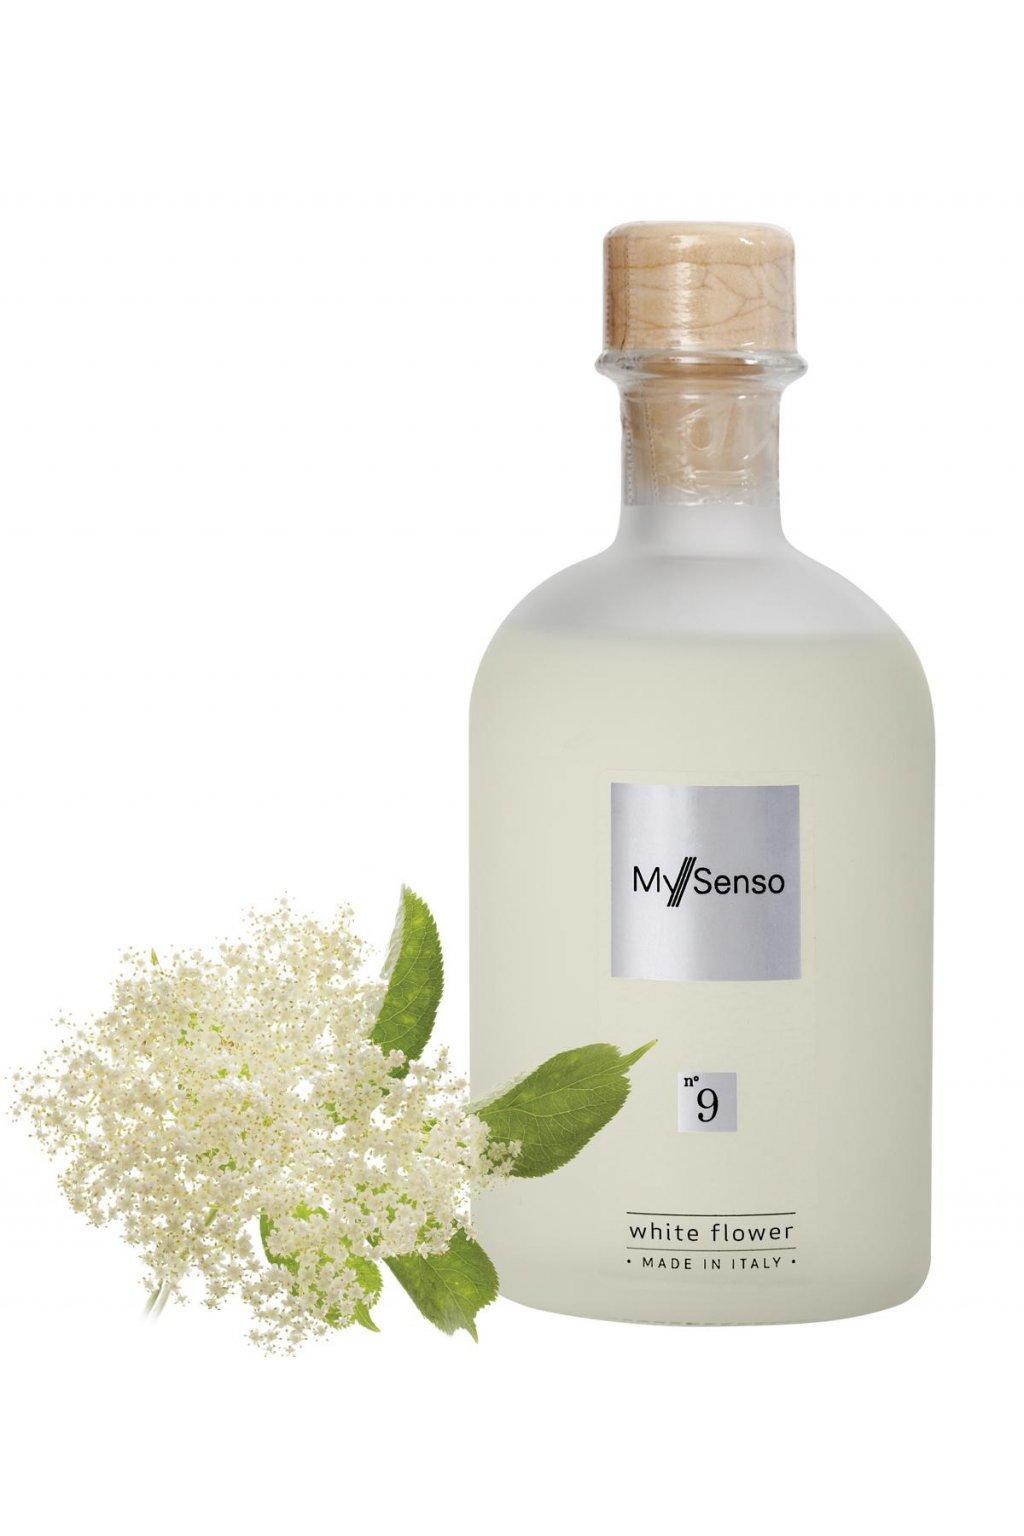 165 my senso nahradni napln pro aromaticky difuzer n 9 white flower cerny bez 240ml